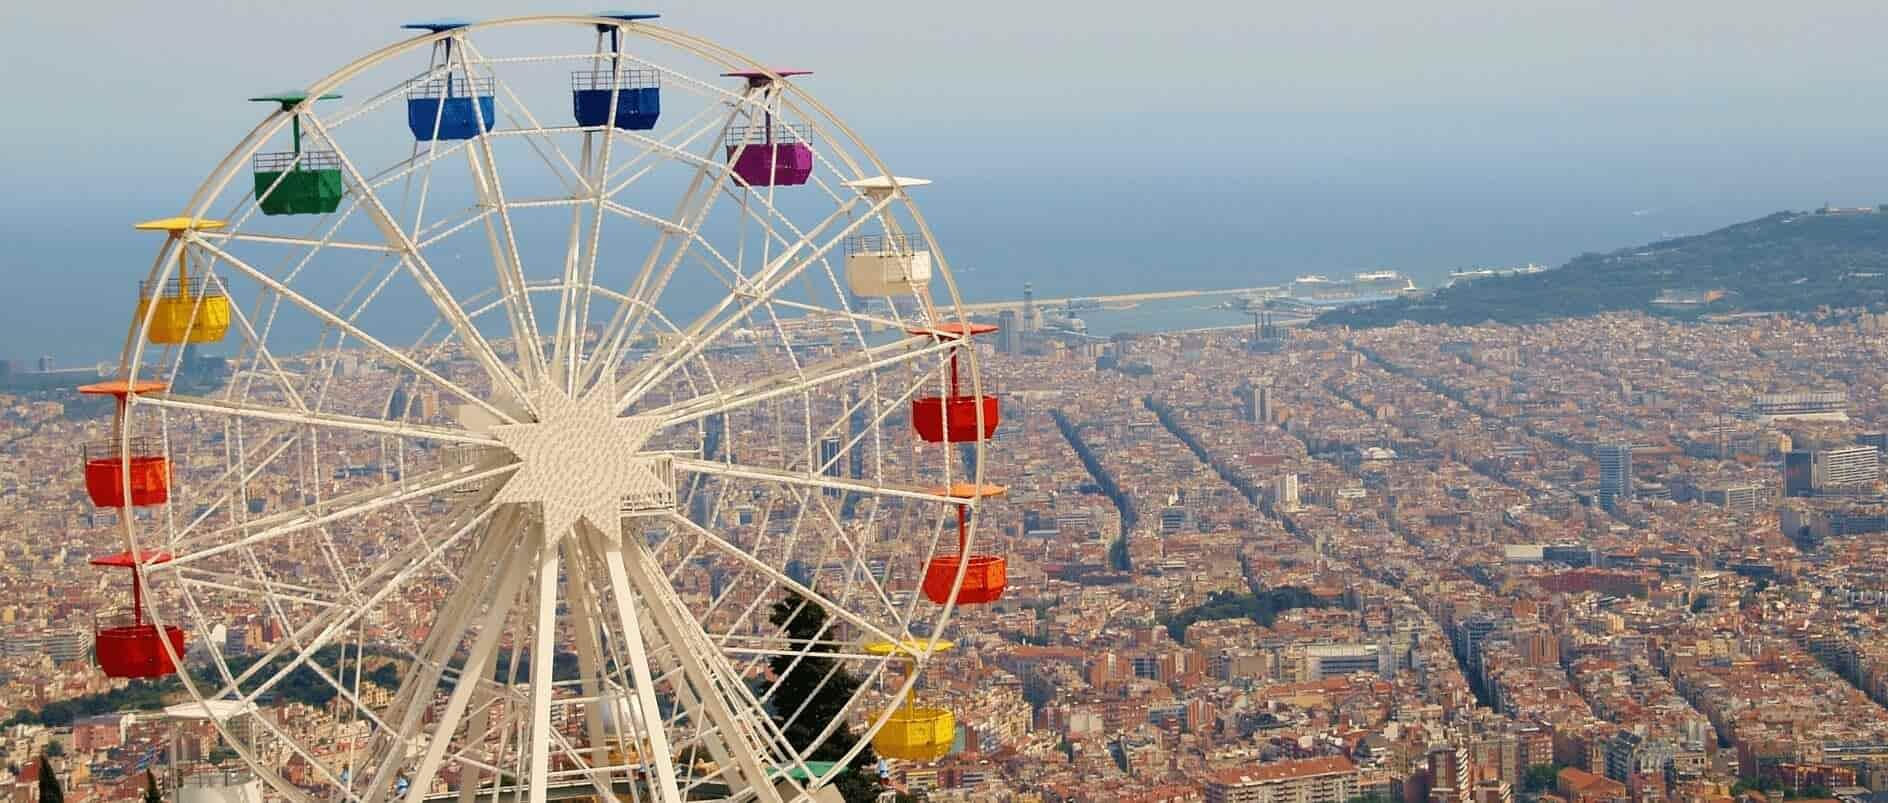 Barcelona – Tipps für die katalanische Metropole